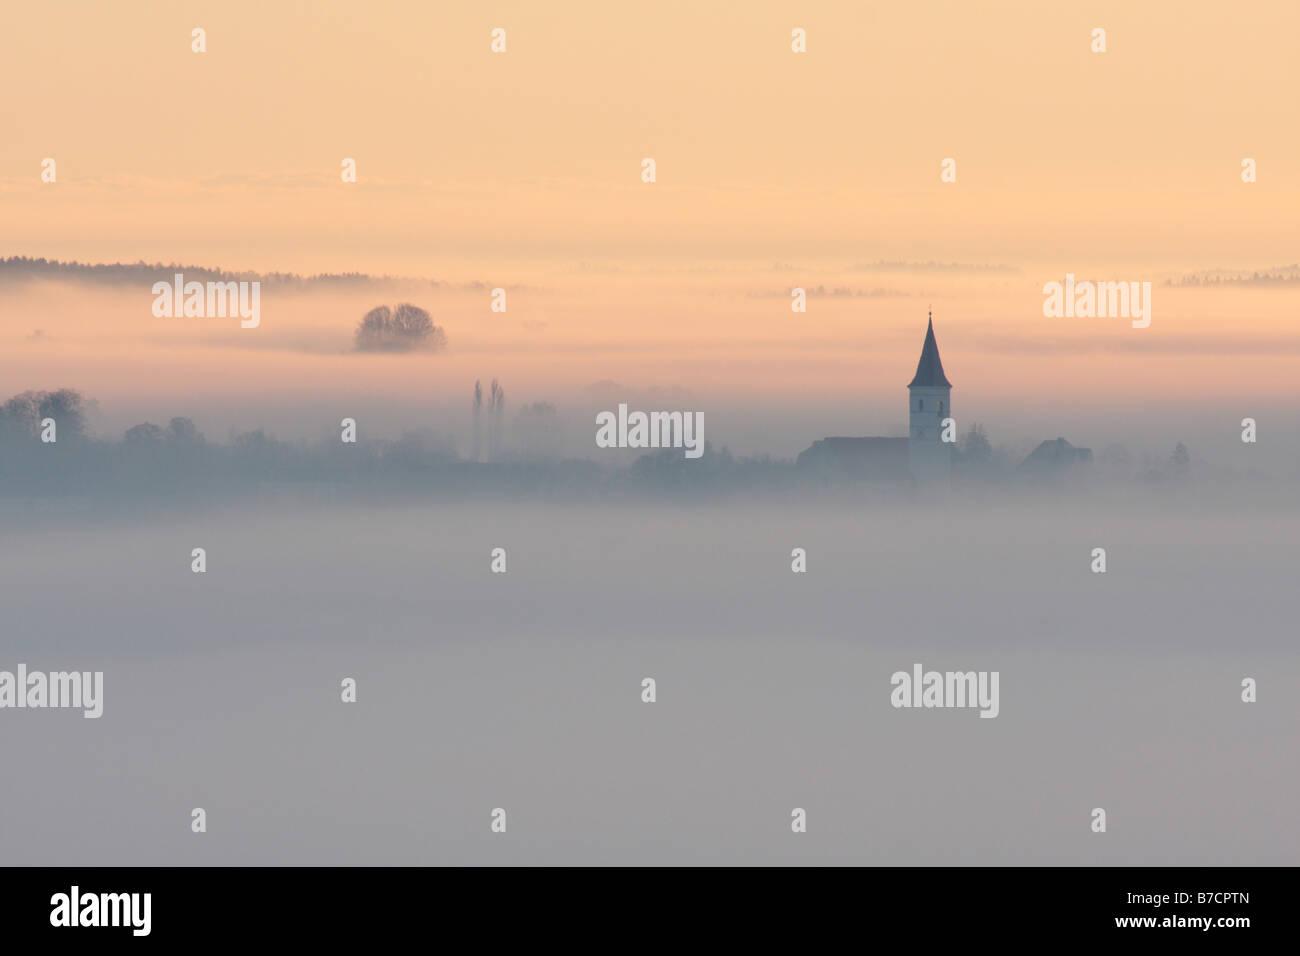 Nebbia di massa in una valle con il fiocco, in Germania, in Baviera, Isental Immagini Stock